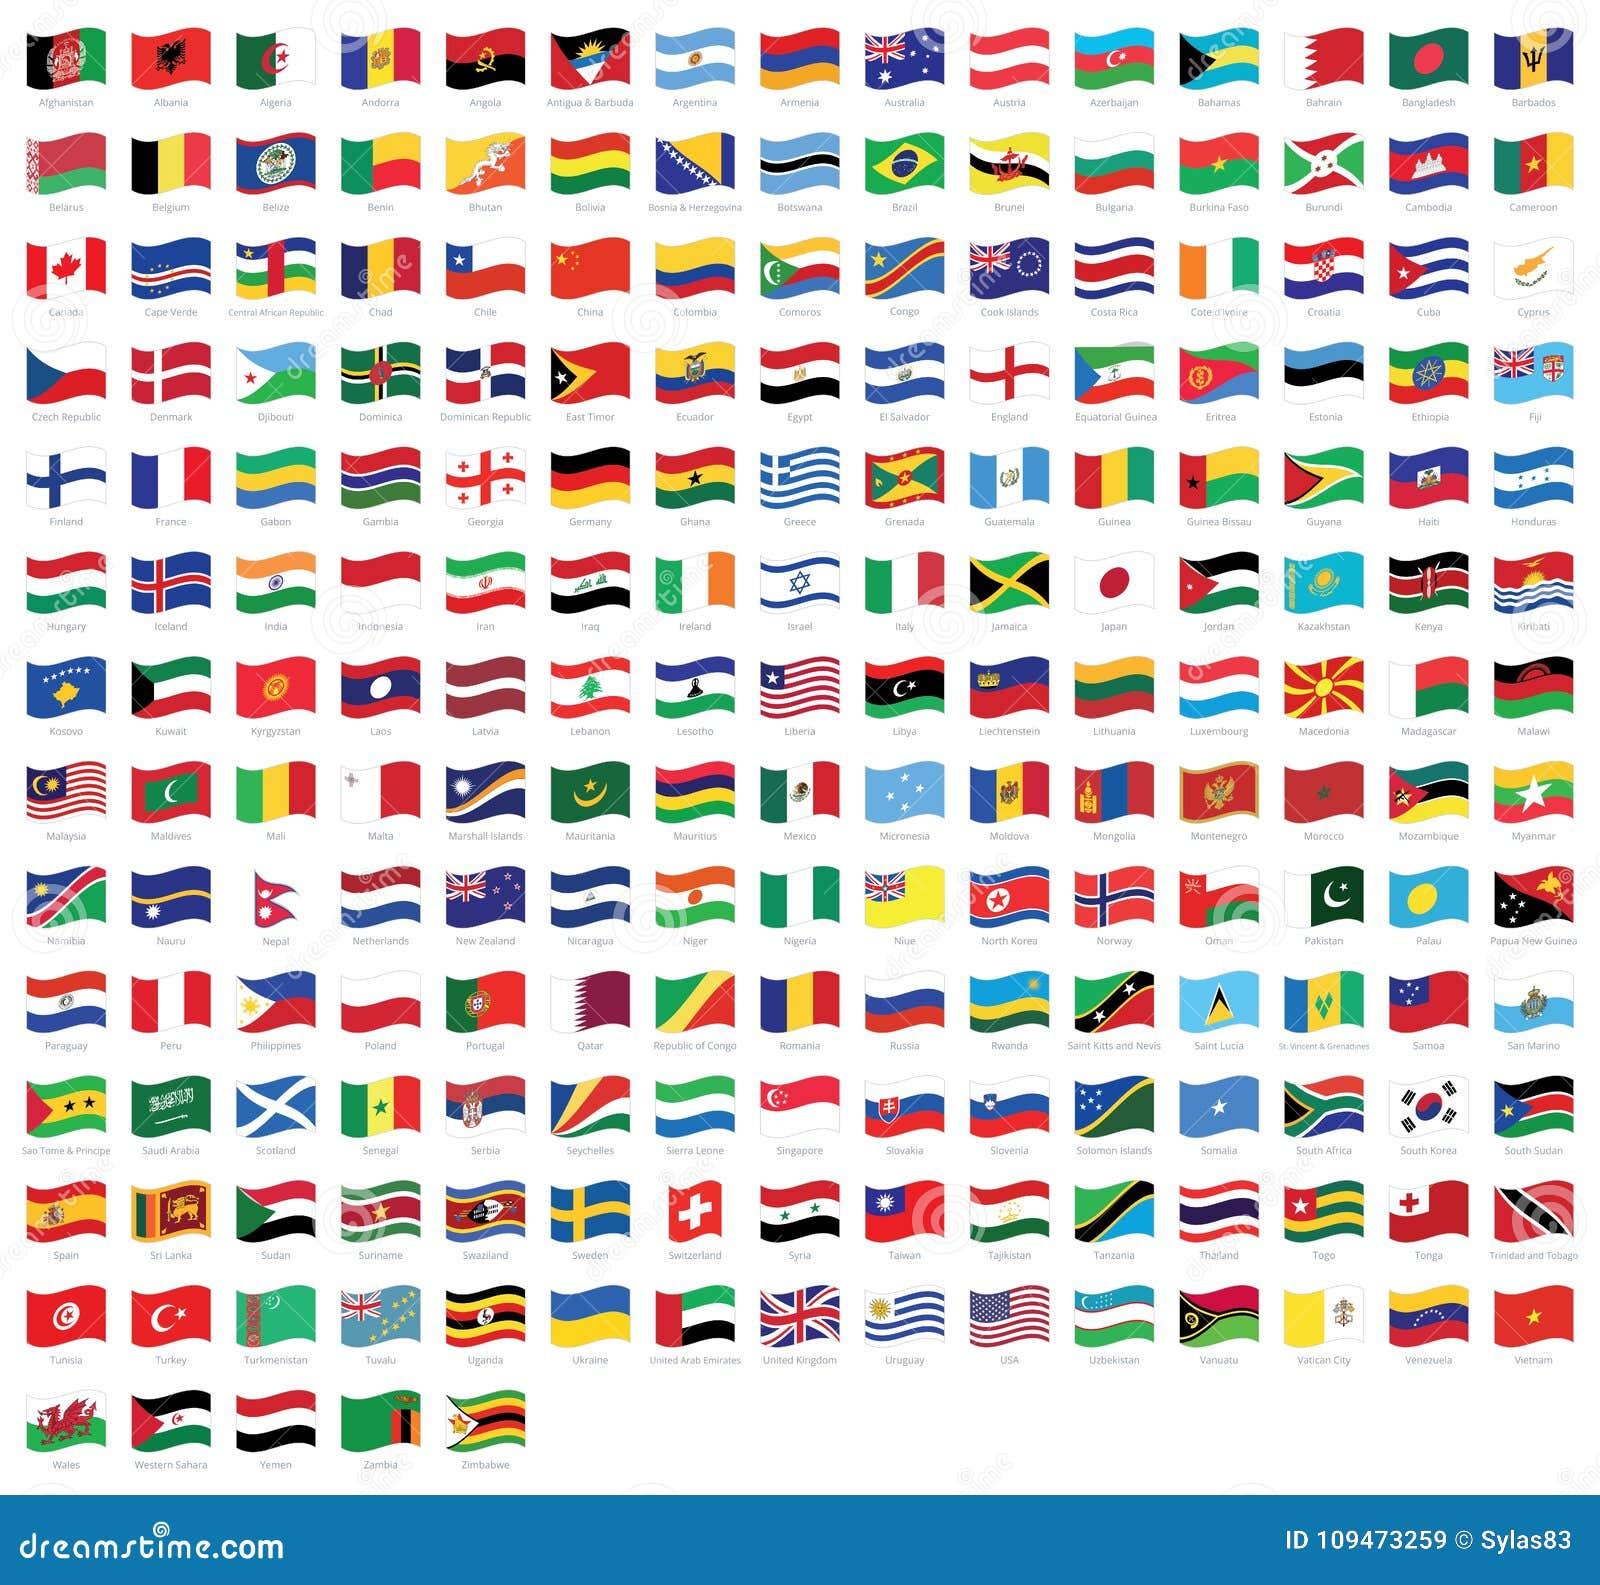 Alle Nationale Weltwellenartig Bewegenden Flaggen Mit Namen